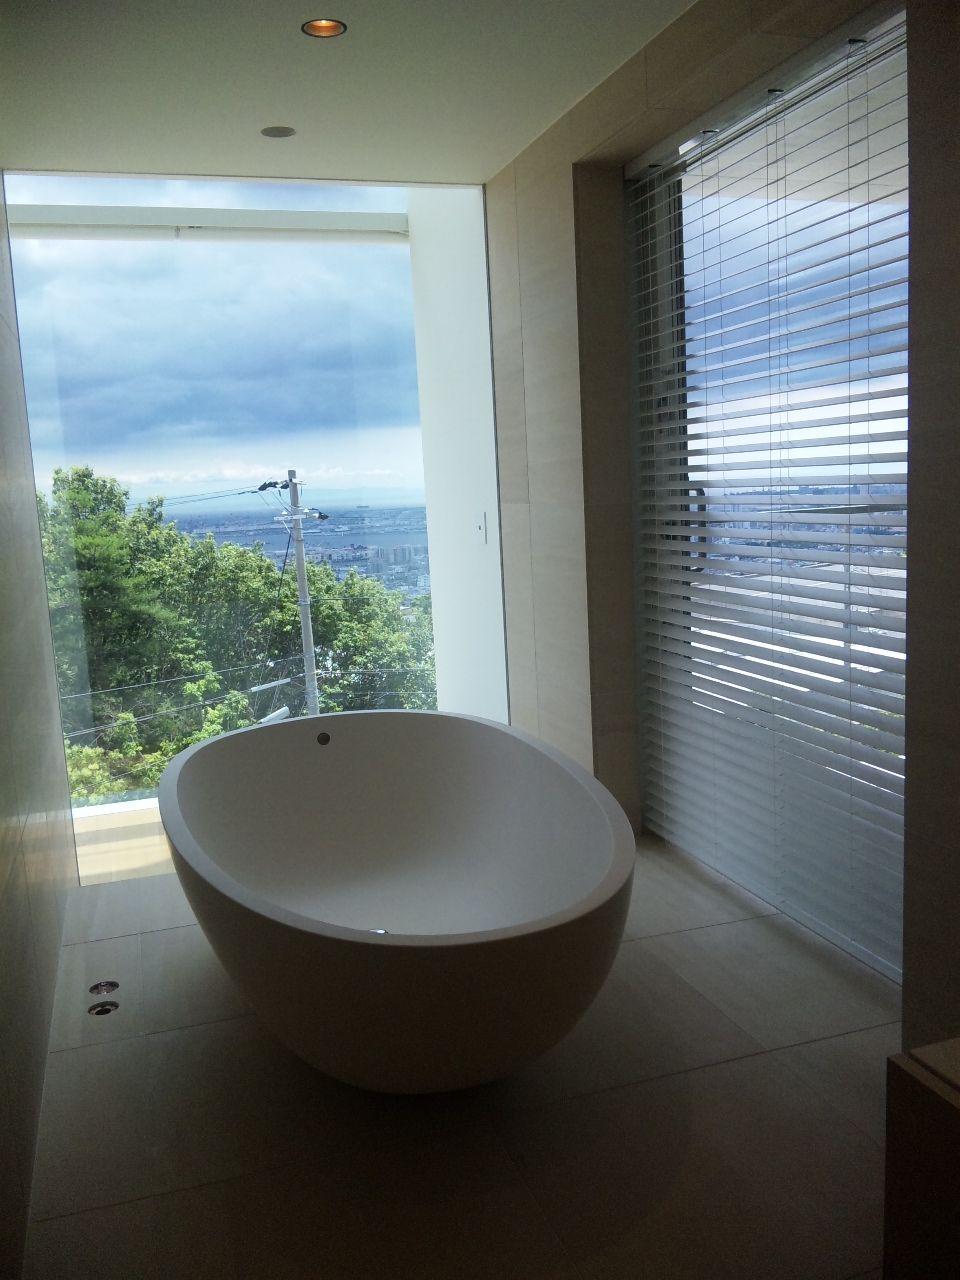 浴室 お風呂 ブラインド 木製ブラインド ウッドブラインド 木製風